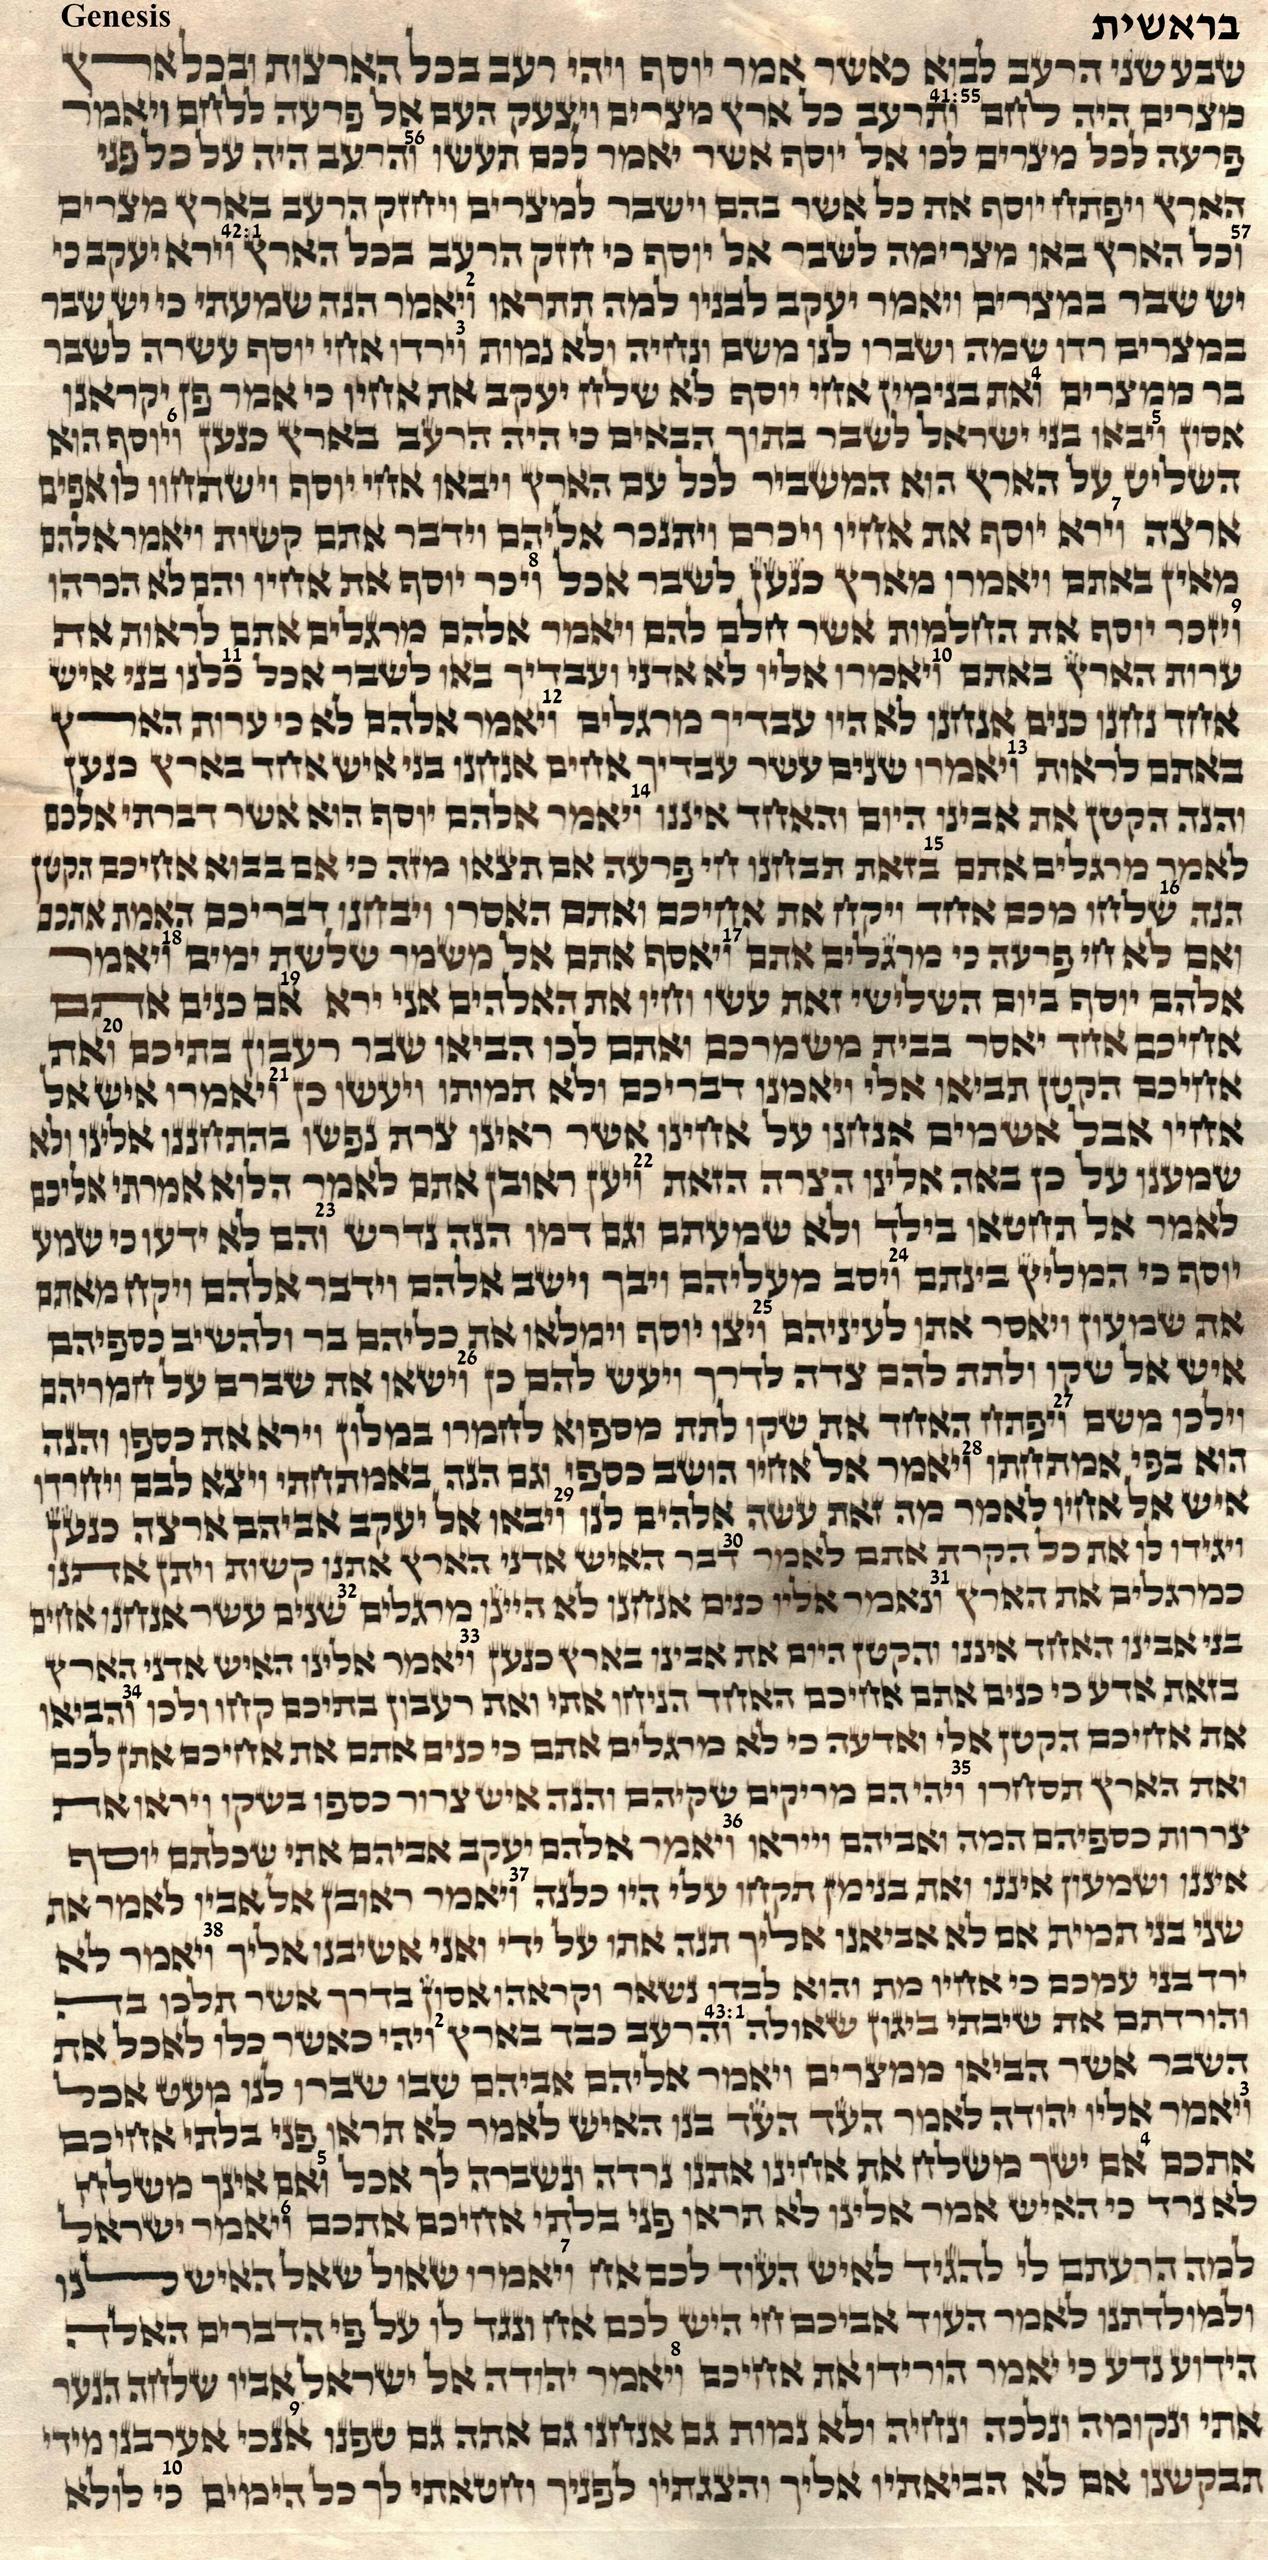 Genesis 41.55 - 43.10